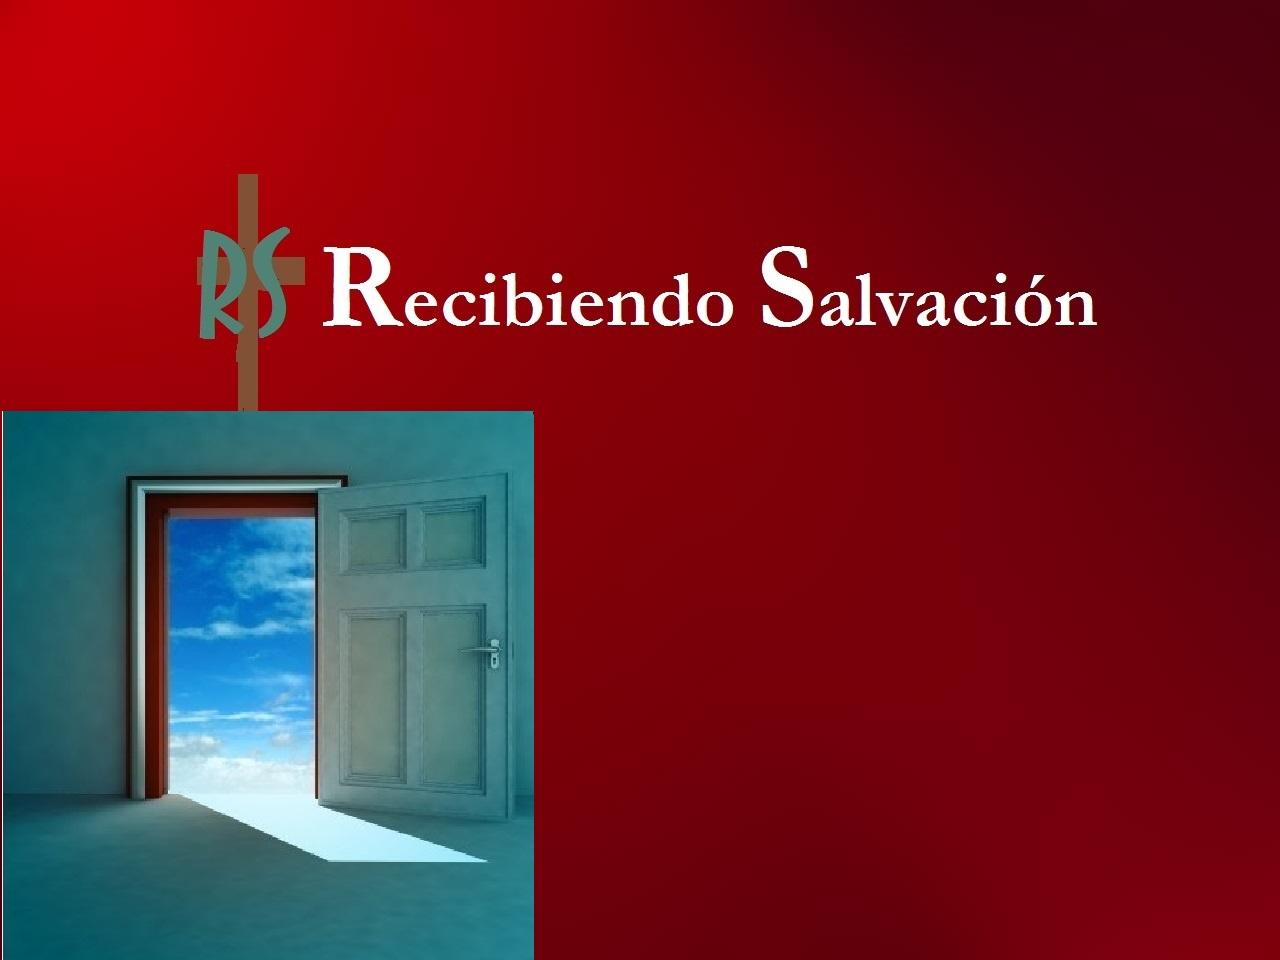 RECIBIENDO SALVACION